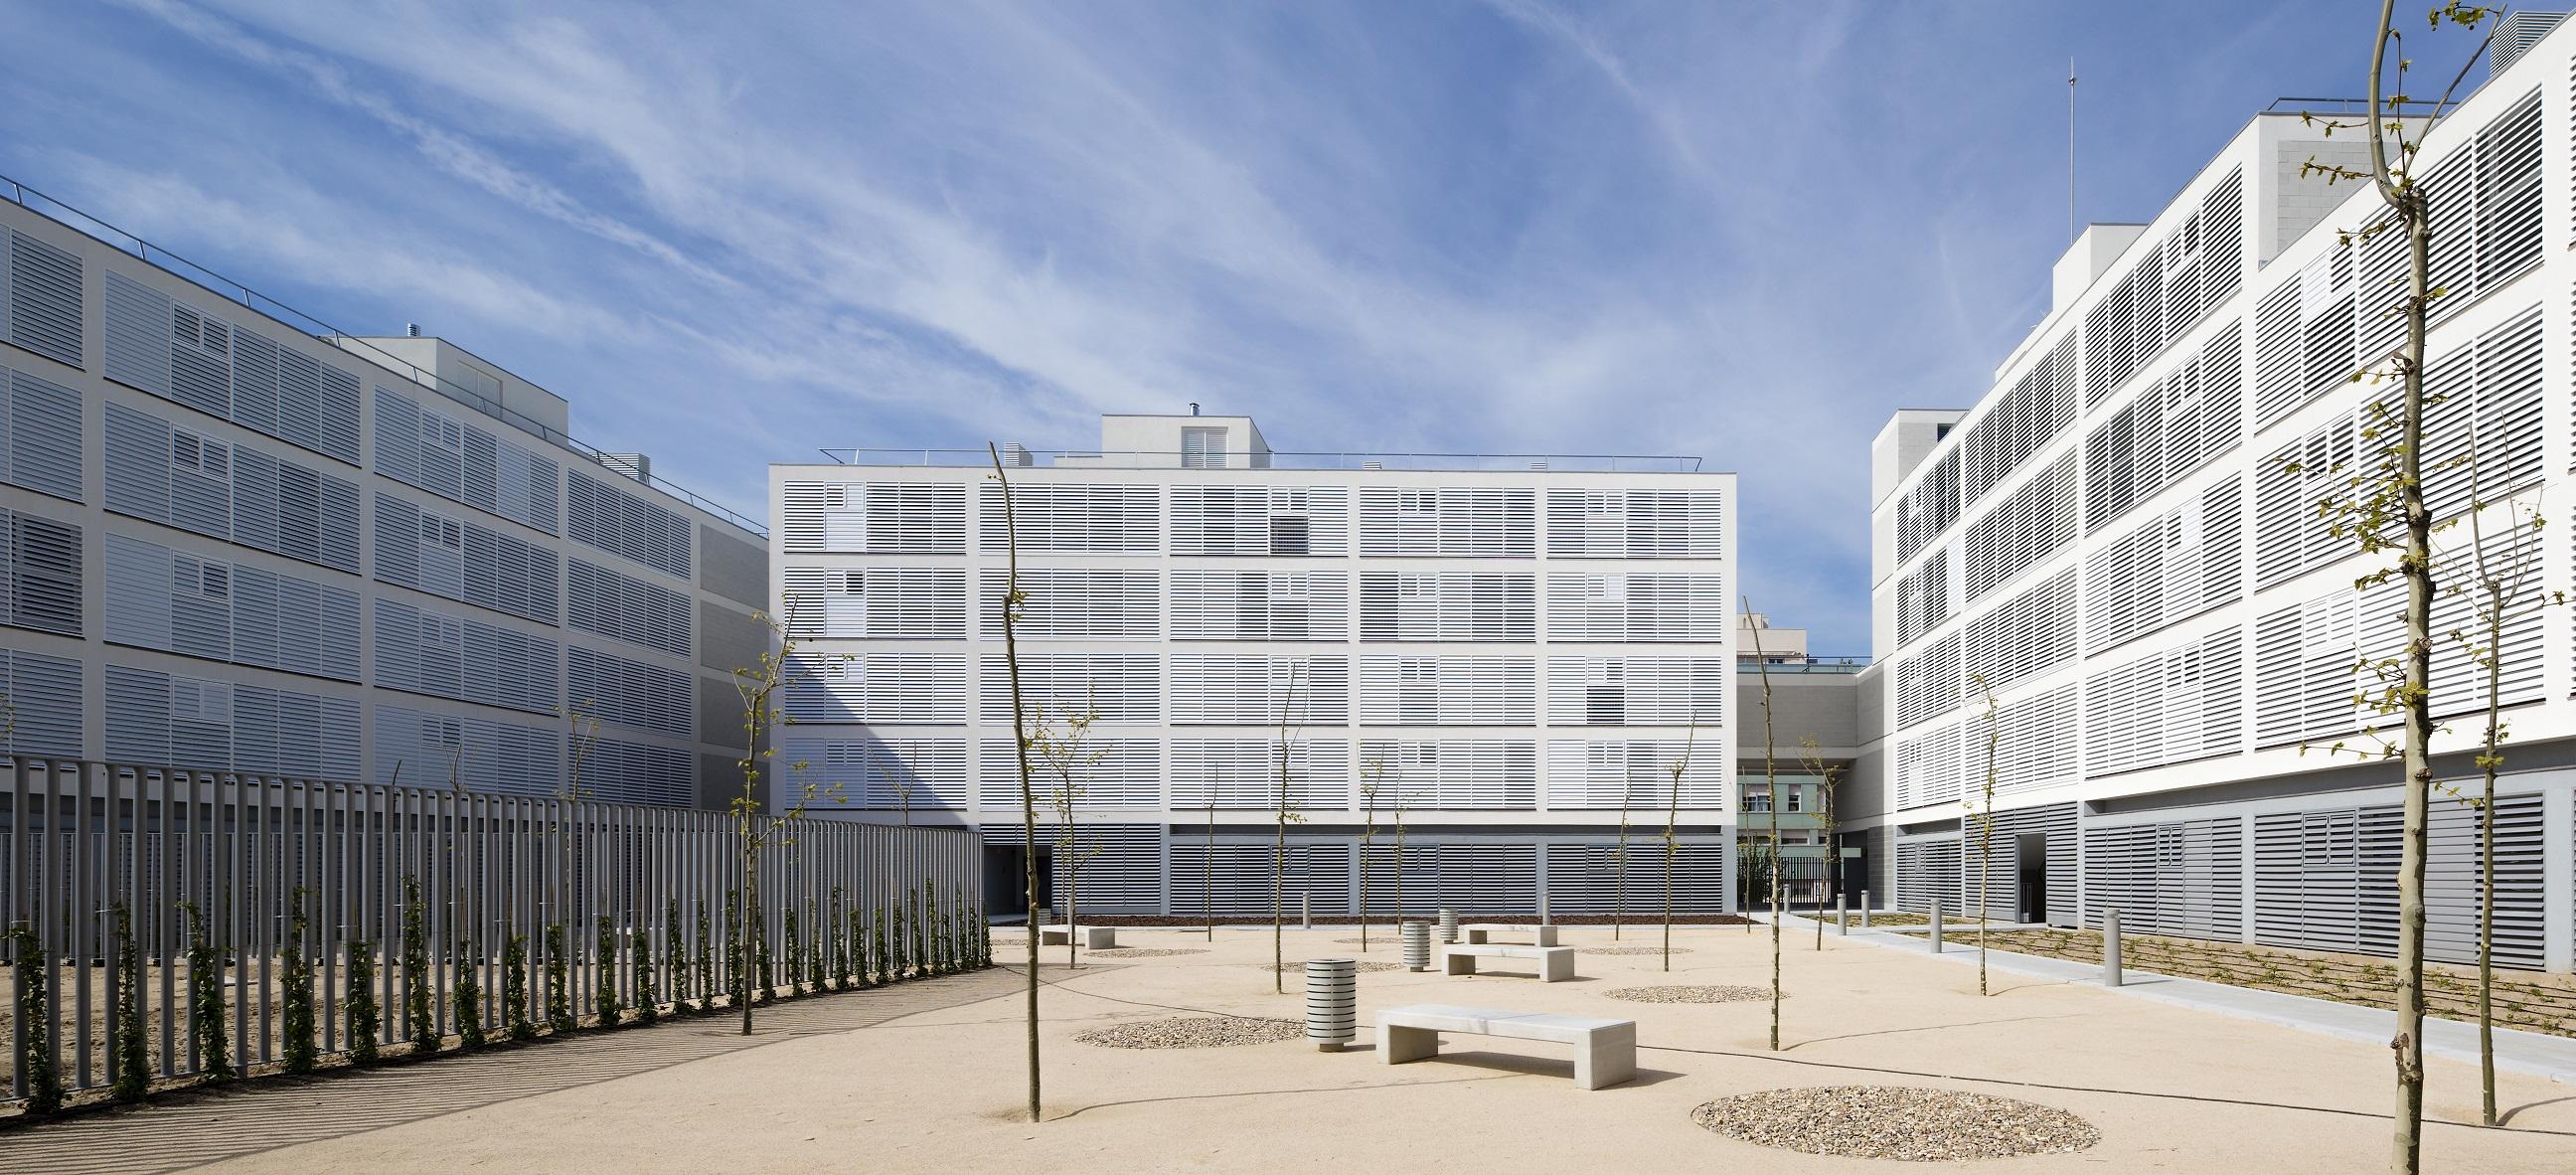 Los arquitectos premian dos edificios de la emvs ayuntamiento de madrid - Arquitectos madrid ...